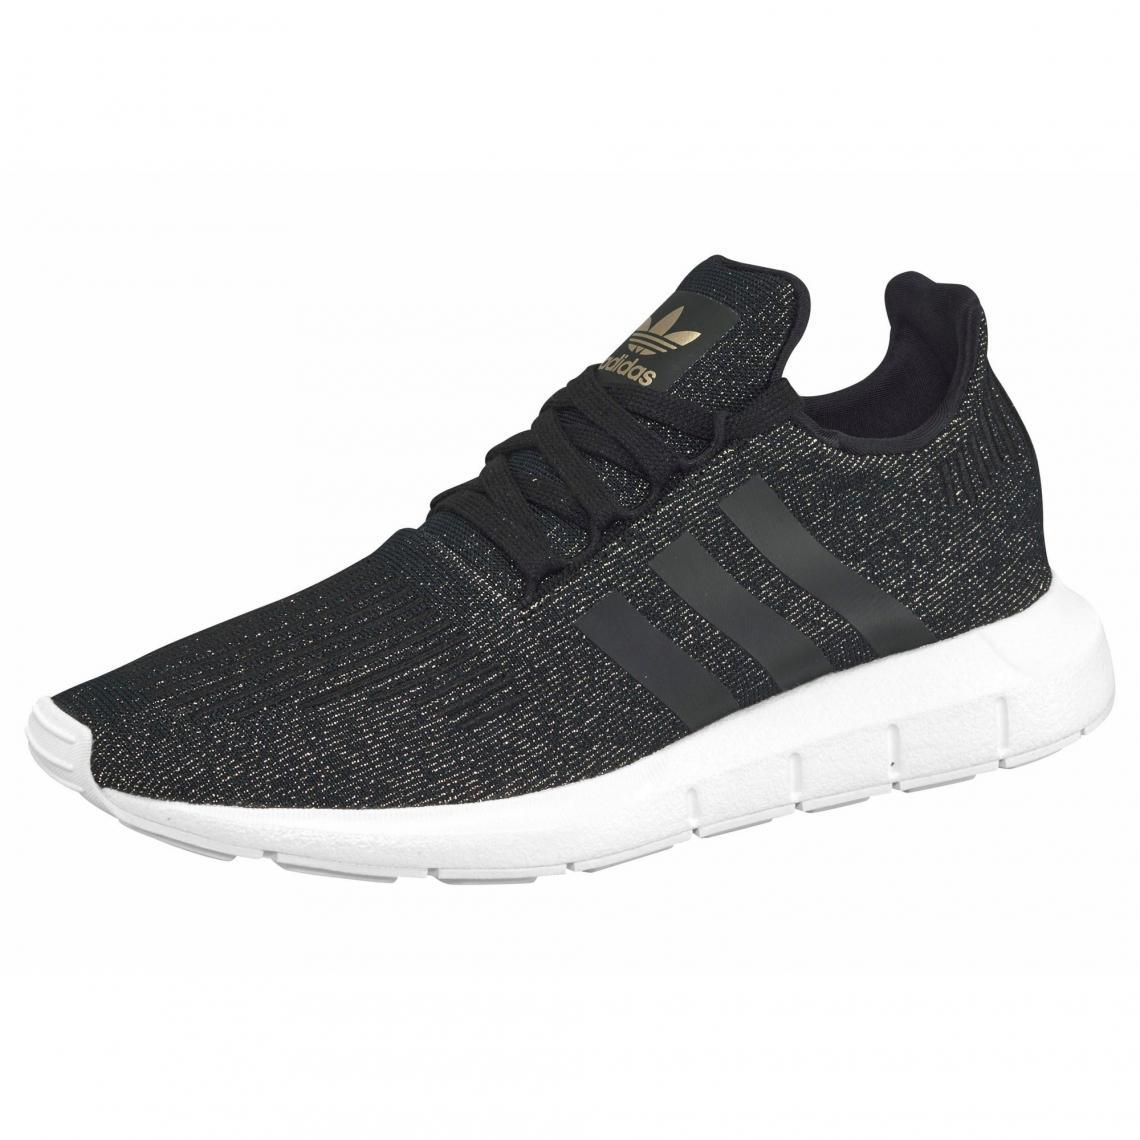 adidas Originals Swift Run chaussures running homme Noir